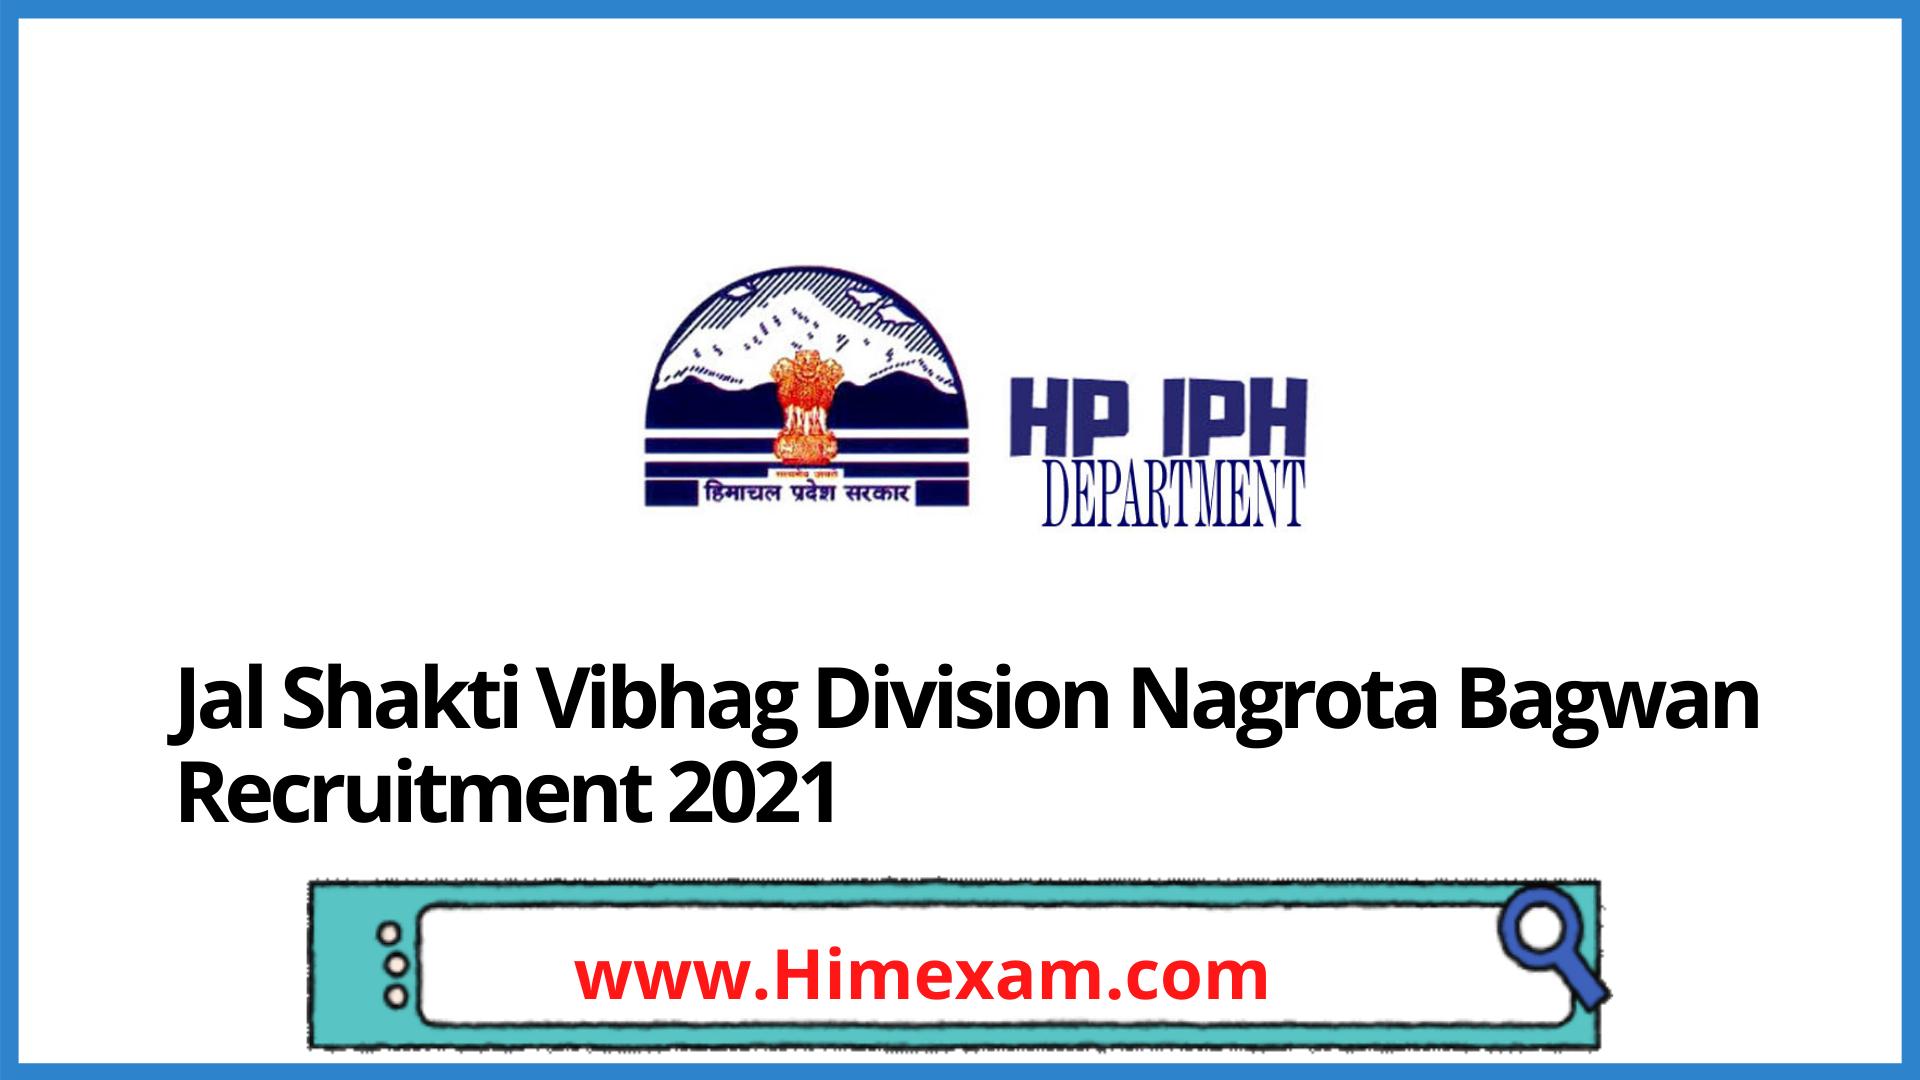 Jal Shakti Vibhag Division Nagrota Bagwan Recruitment 2021